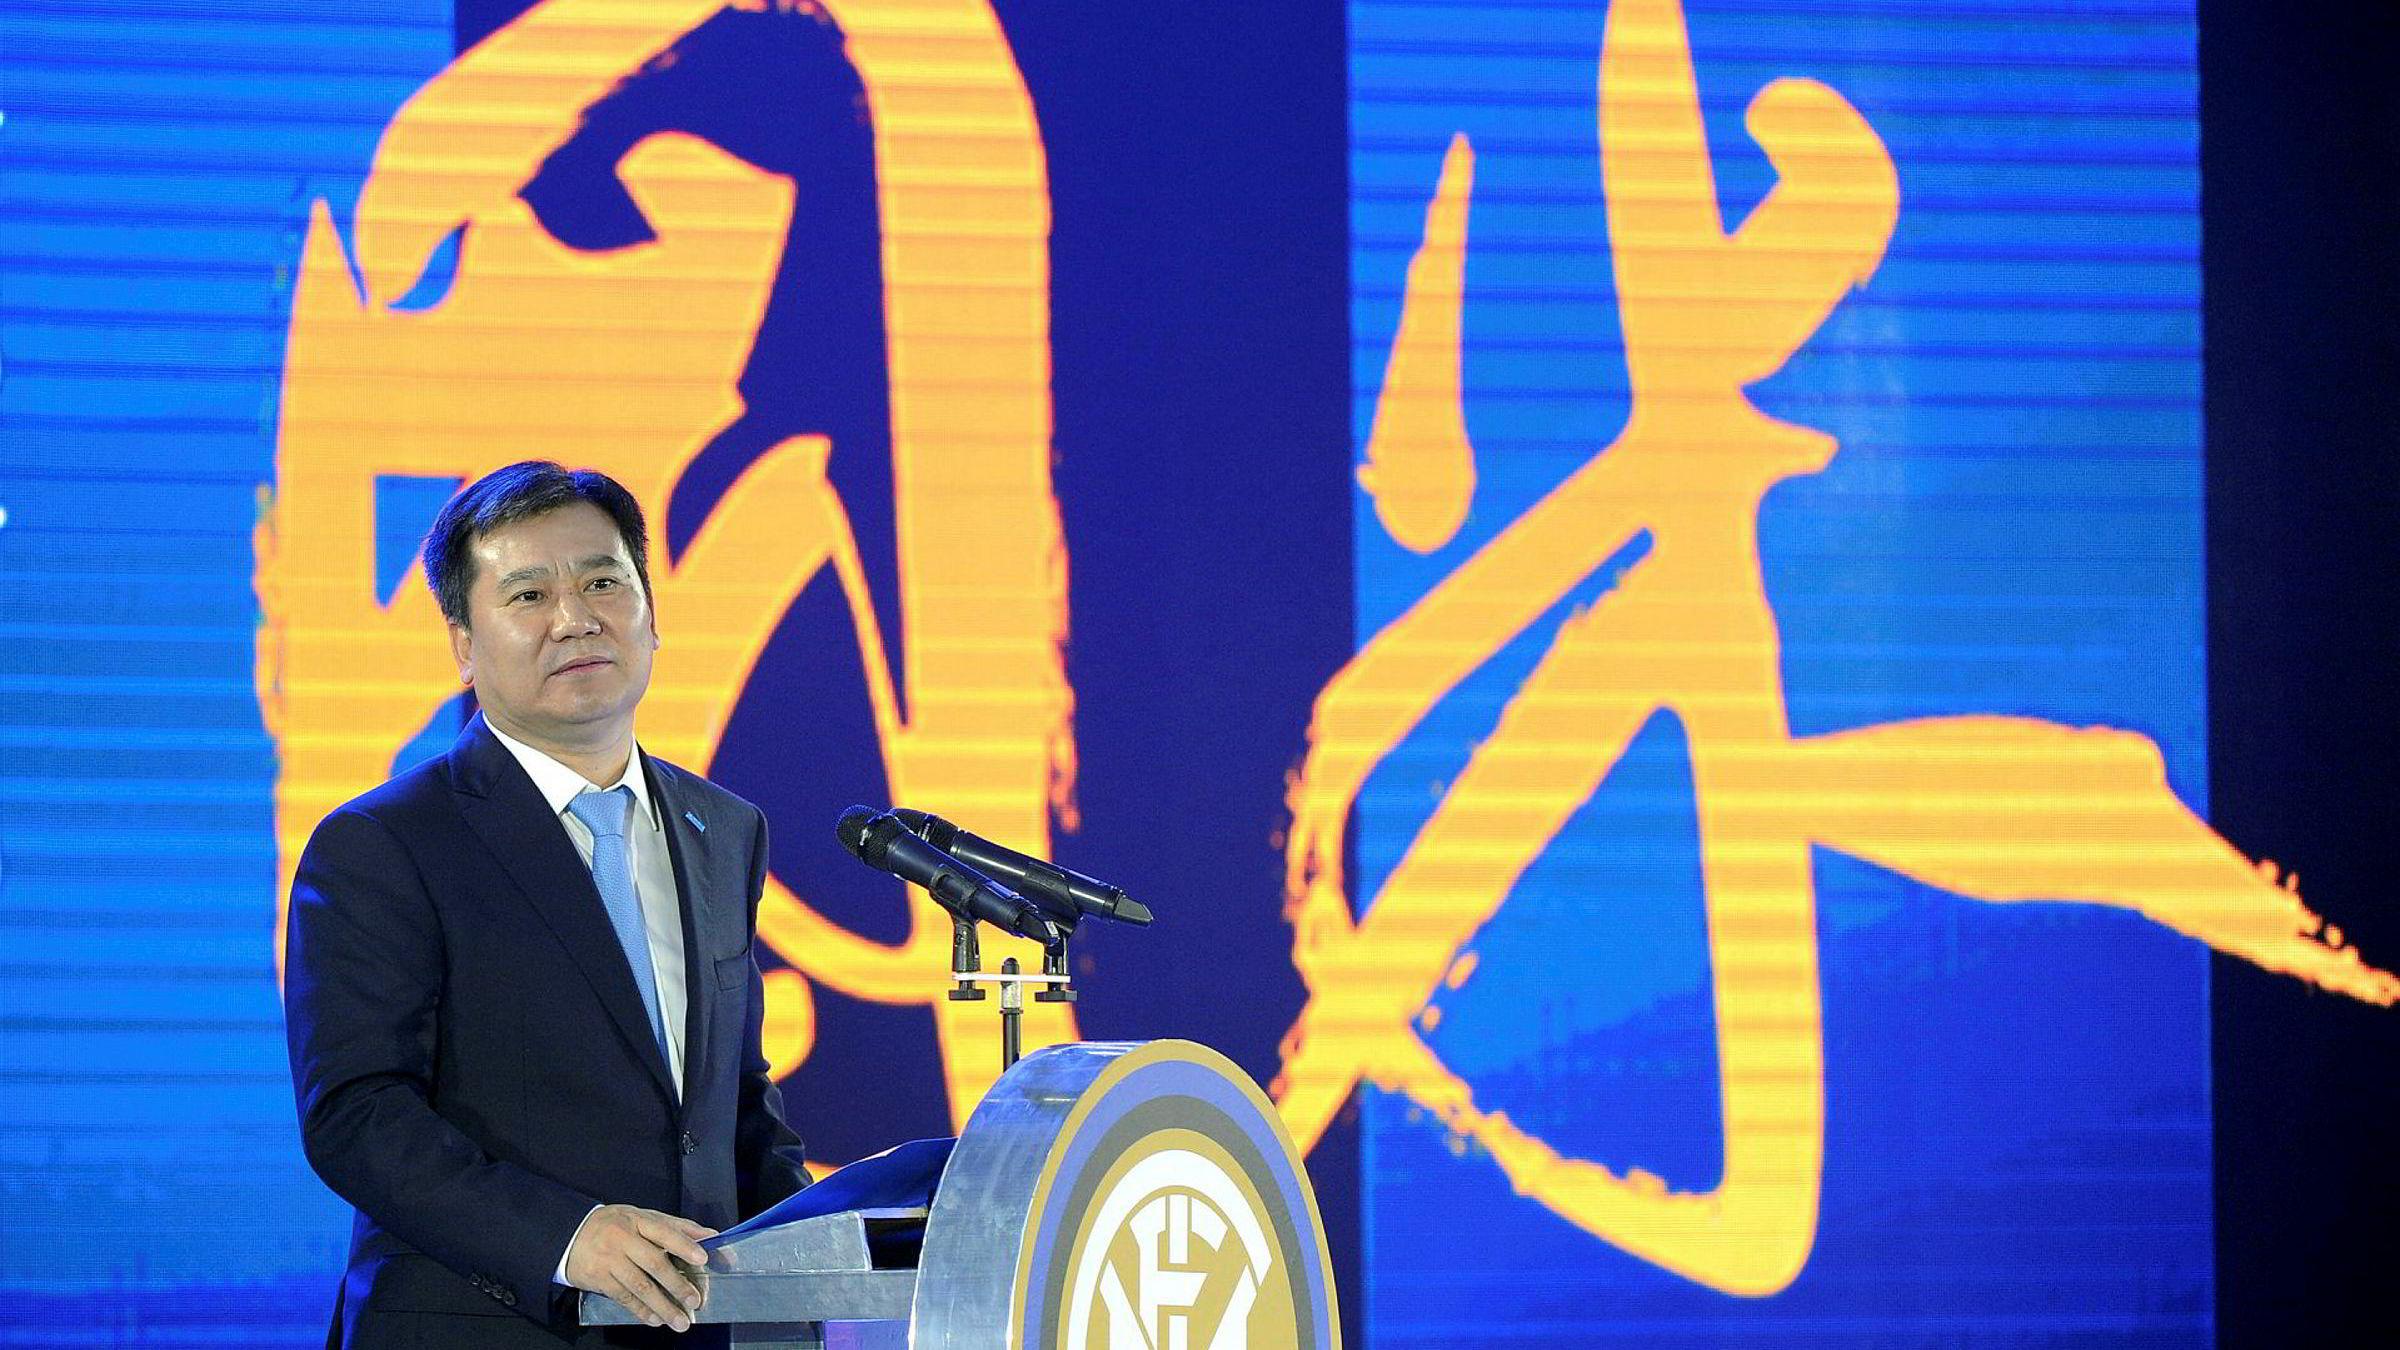 Kinesiske selskaper ekspander over hele verden med historisk store oppkjøp for å sikre seg teknologi, kompetanse og merkevarer – støttet med statlig finansiering. Suning Holdings Group har kjøpt den italienske fotballklubben Inter Milan. Nå setter USA og EU på bremsene.